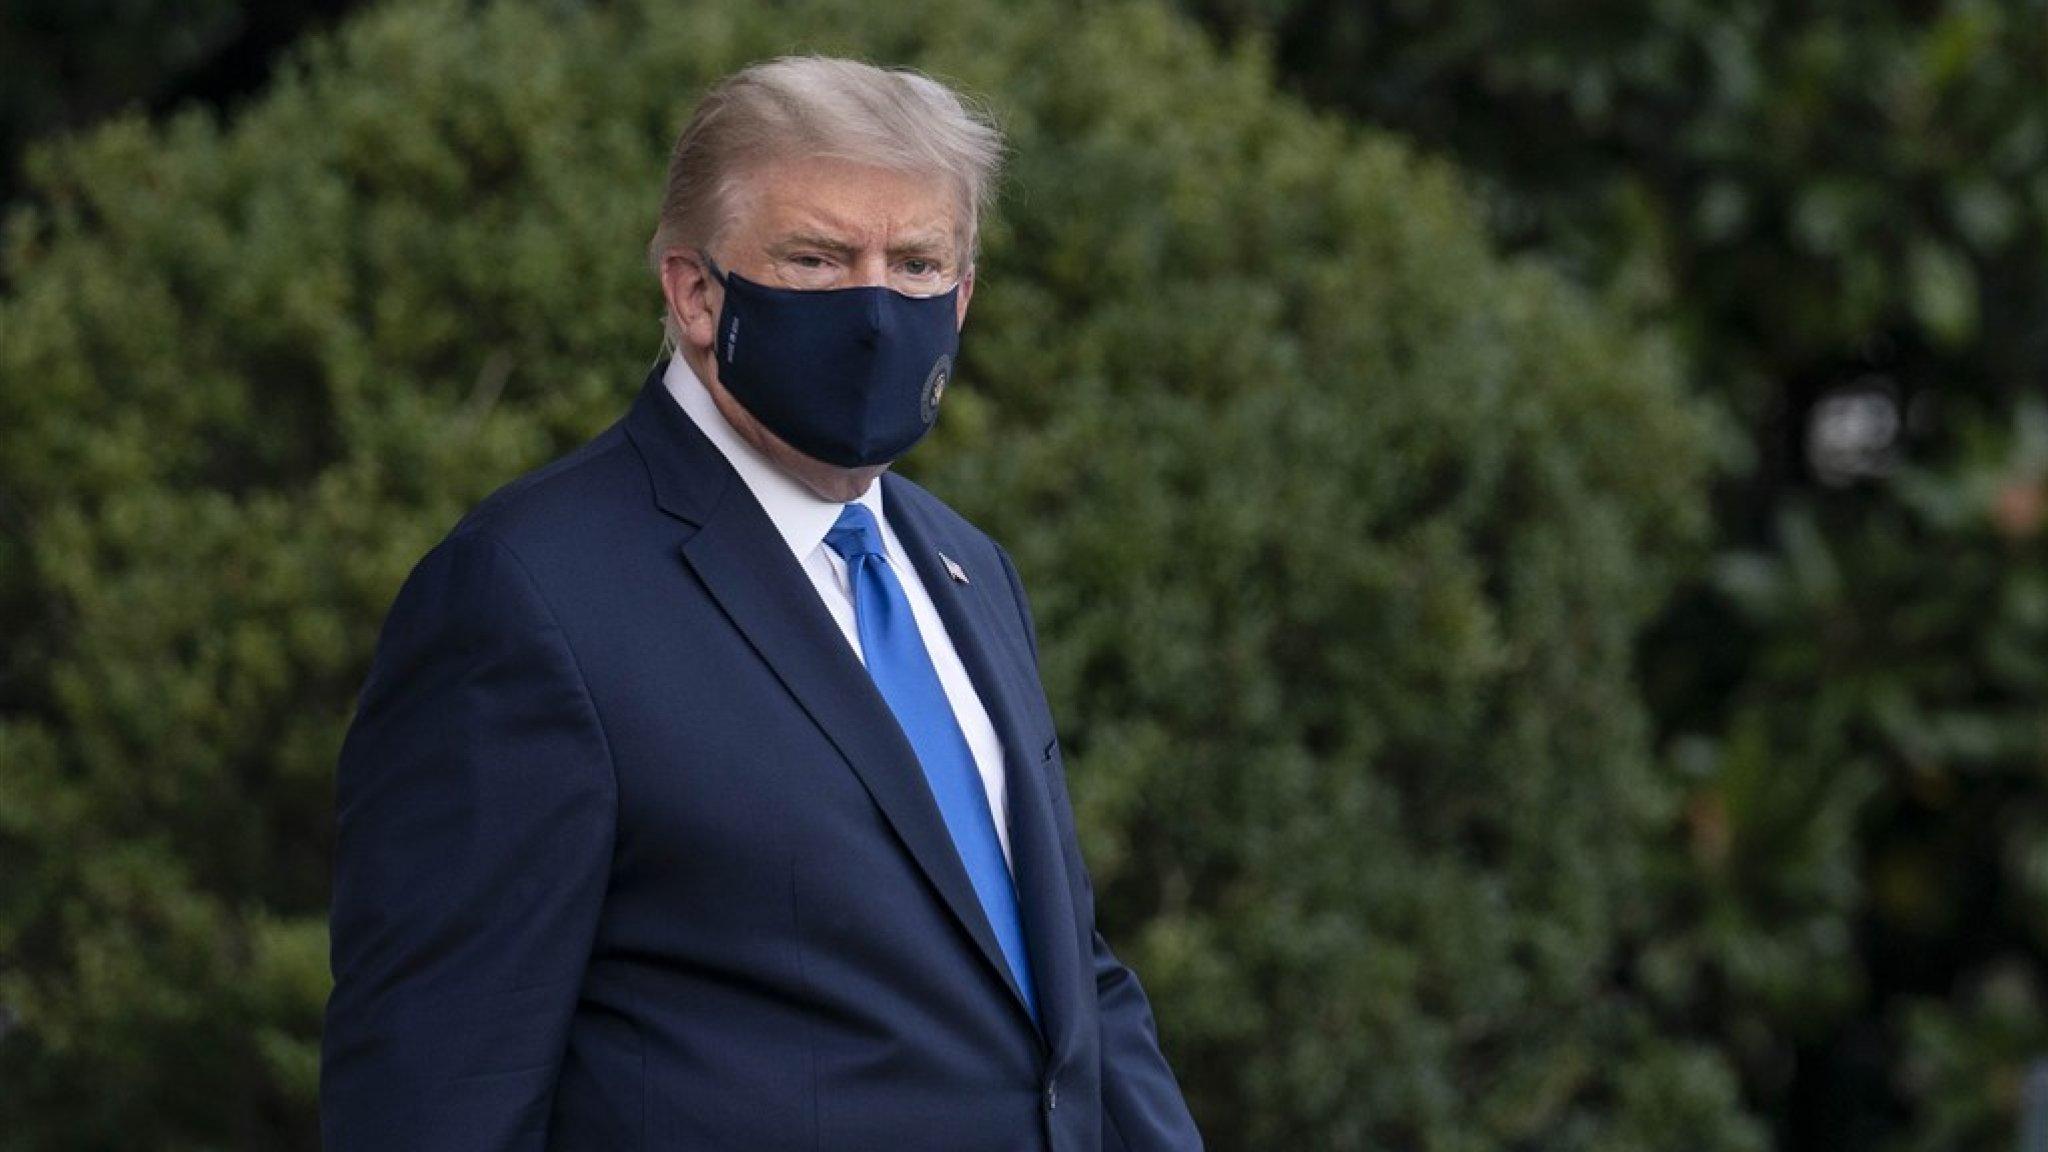 'Coronabesmetting Donald Trump was veel ernstiger dan voorgespiegeld' - RTL Nieuws